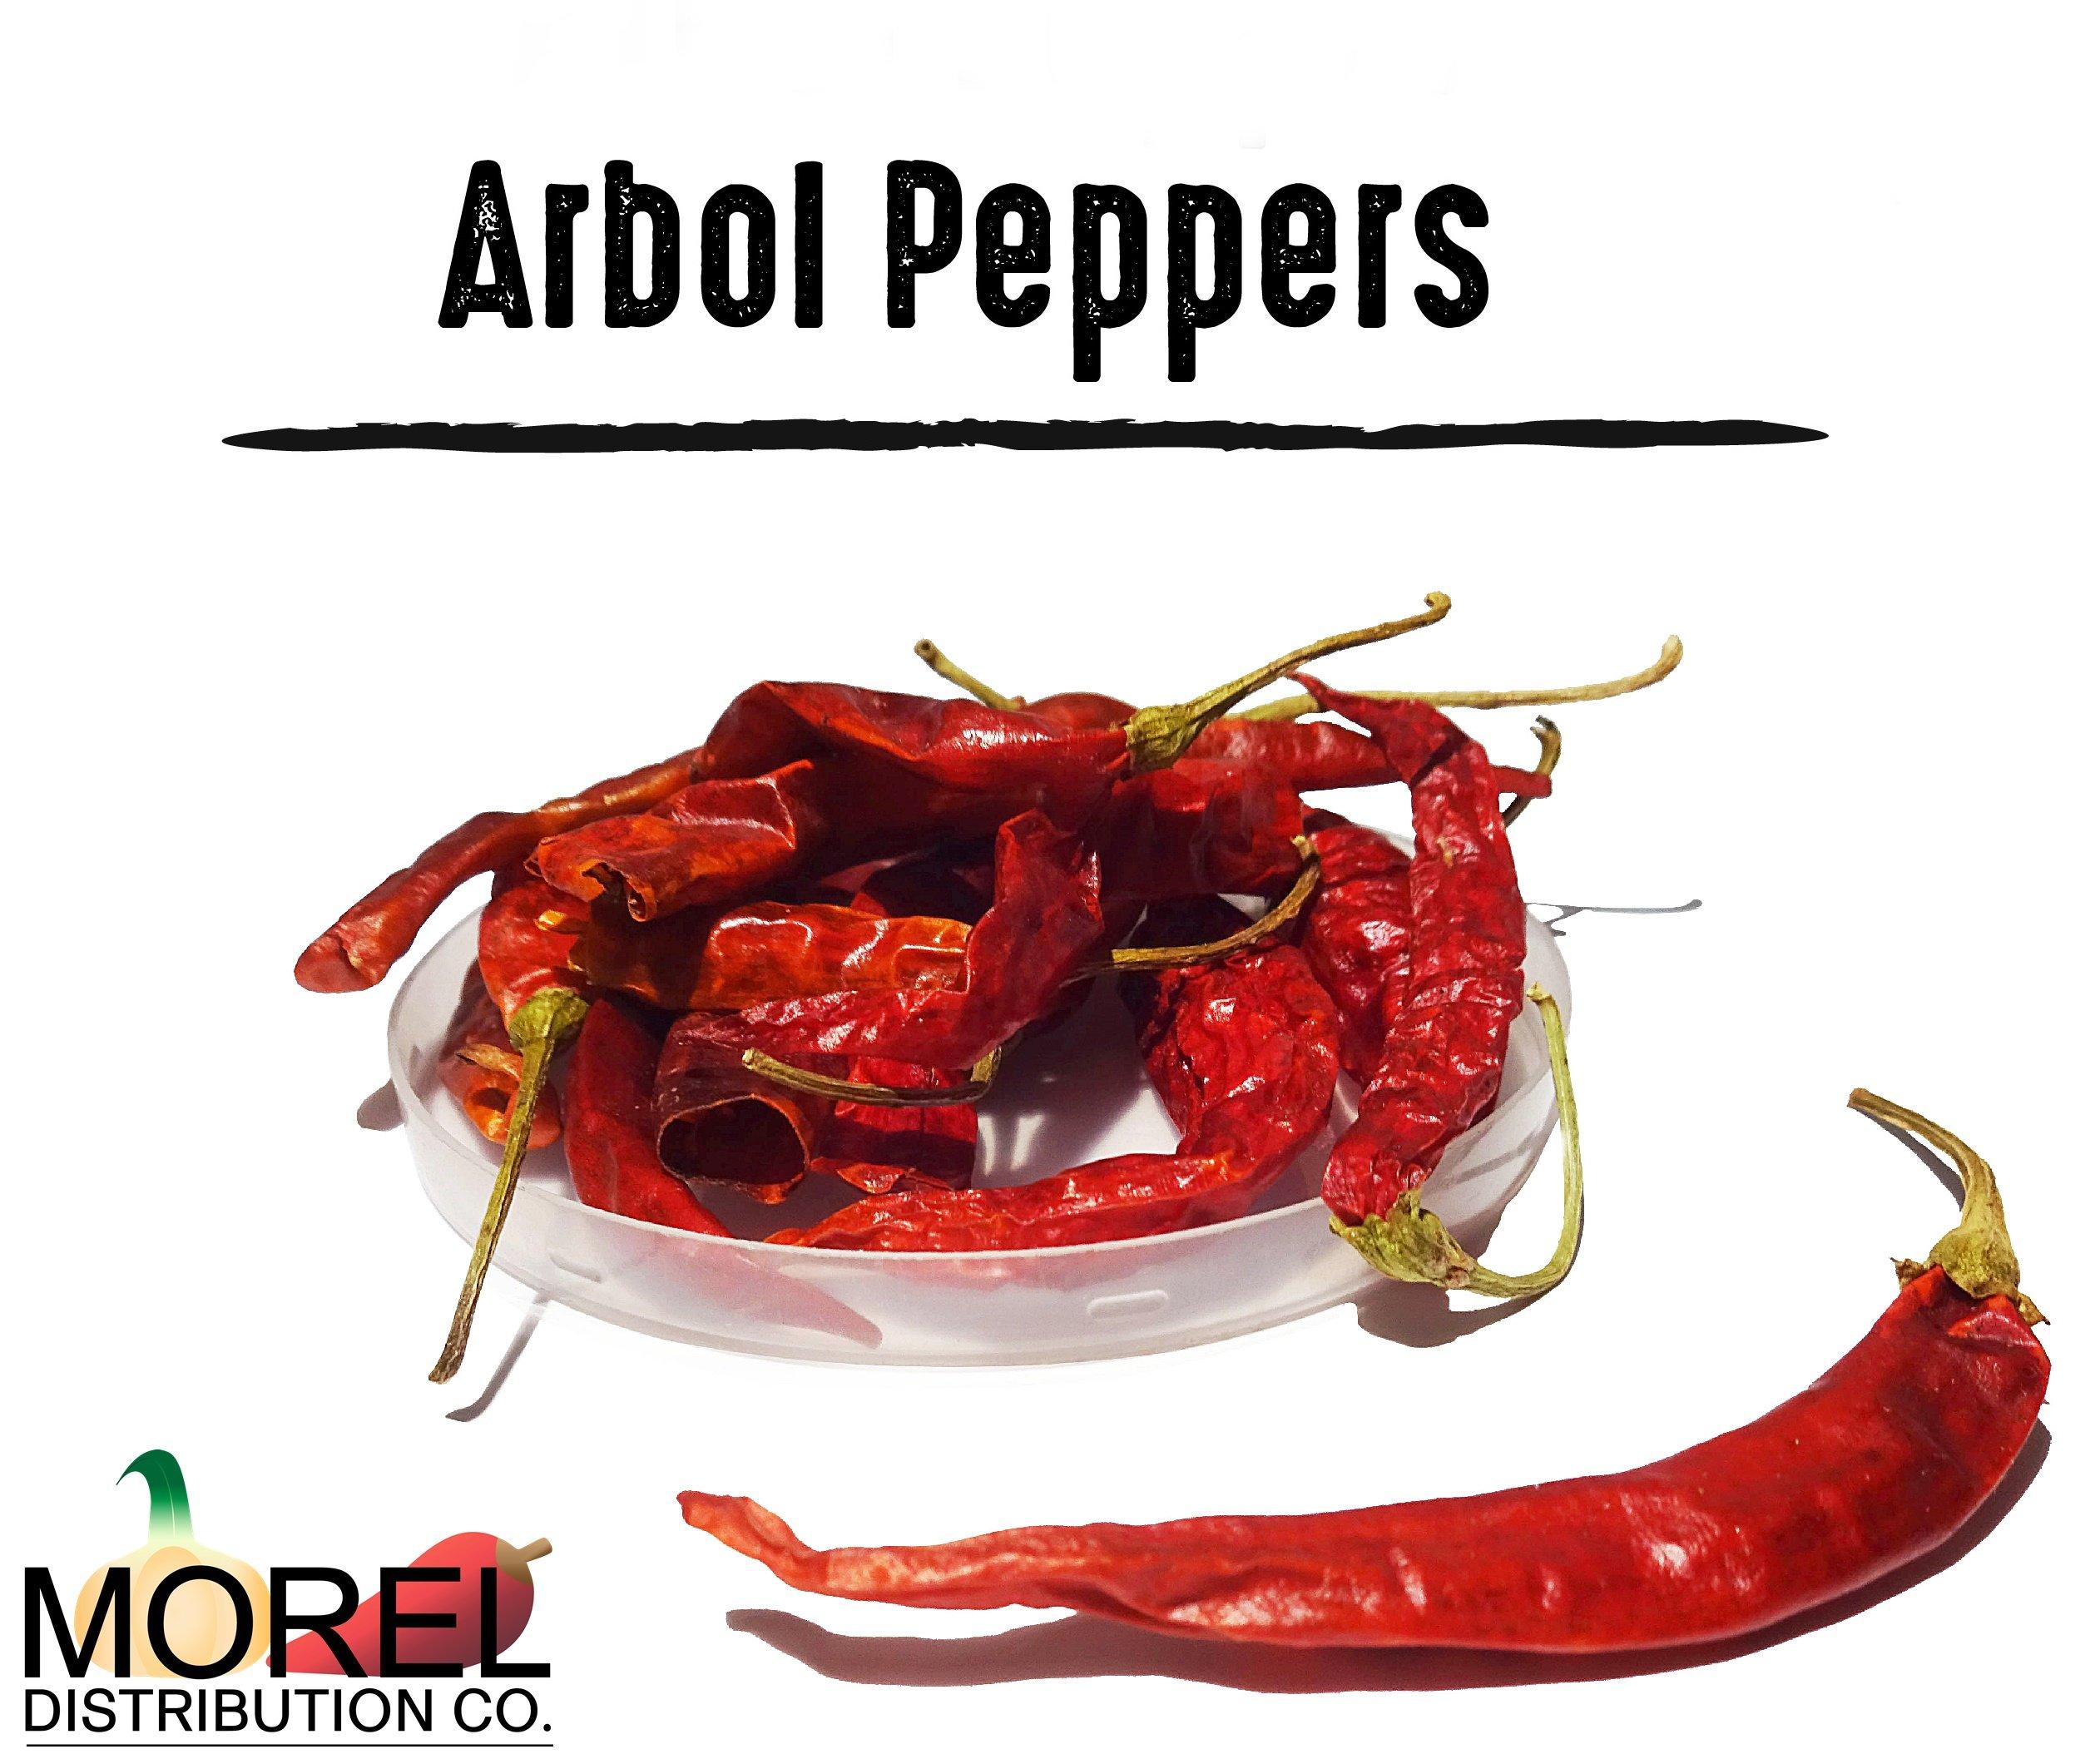 Dried Arbol Pepper (Chile De Arbol) WT: 2 Oz, 4 Oz, 8 Oz, 12 Oz, 1 Lb, 2 Lbs, 5 Lbs, and 10 Lbs! (2 LBS)